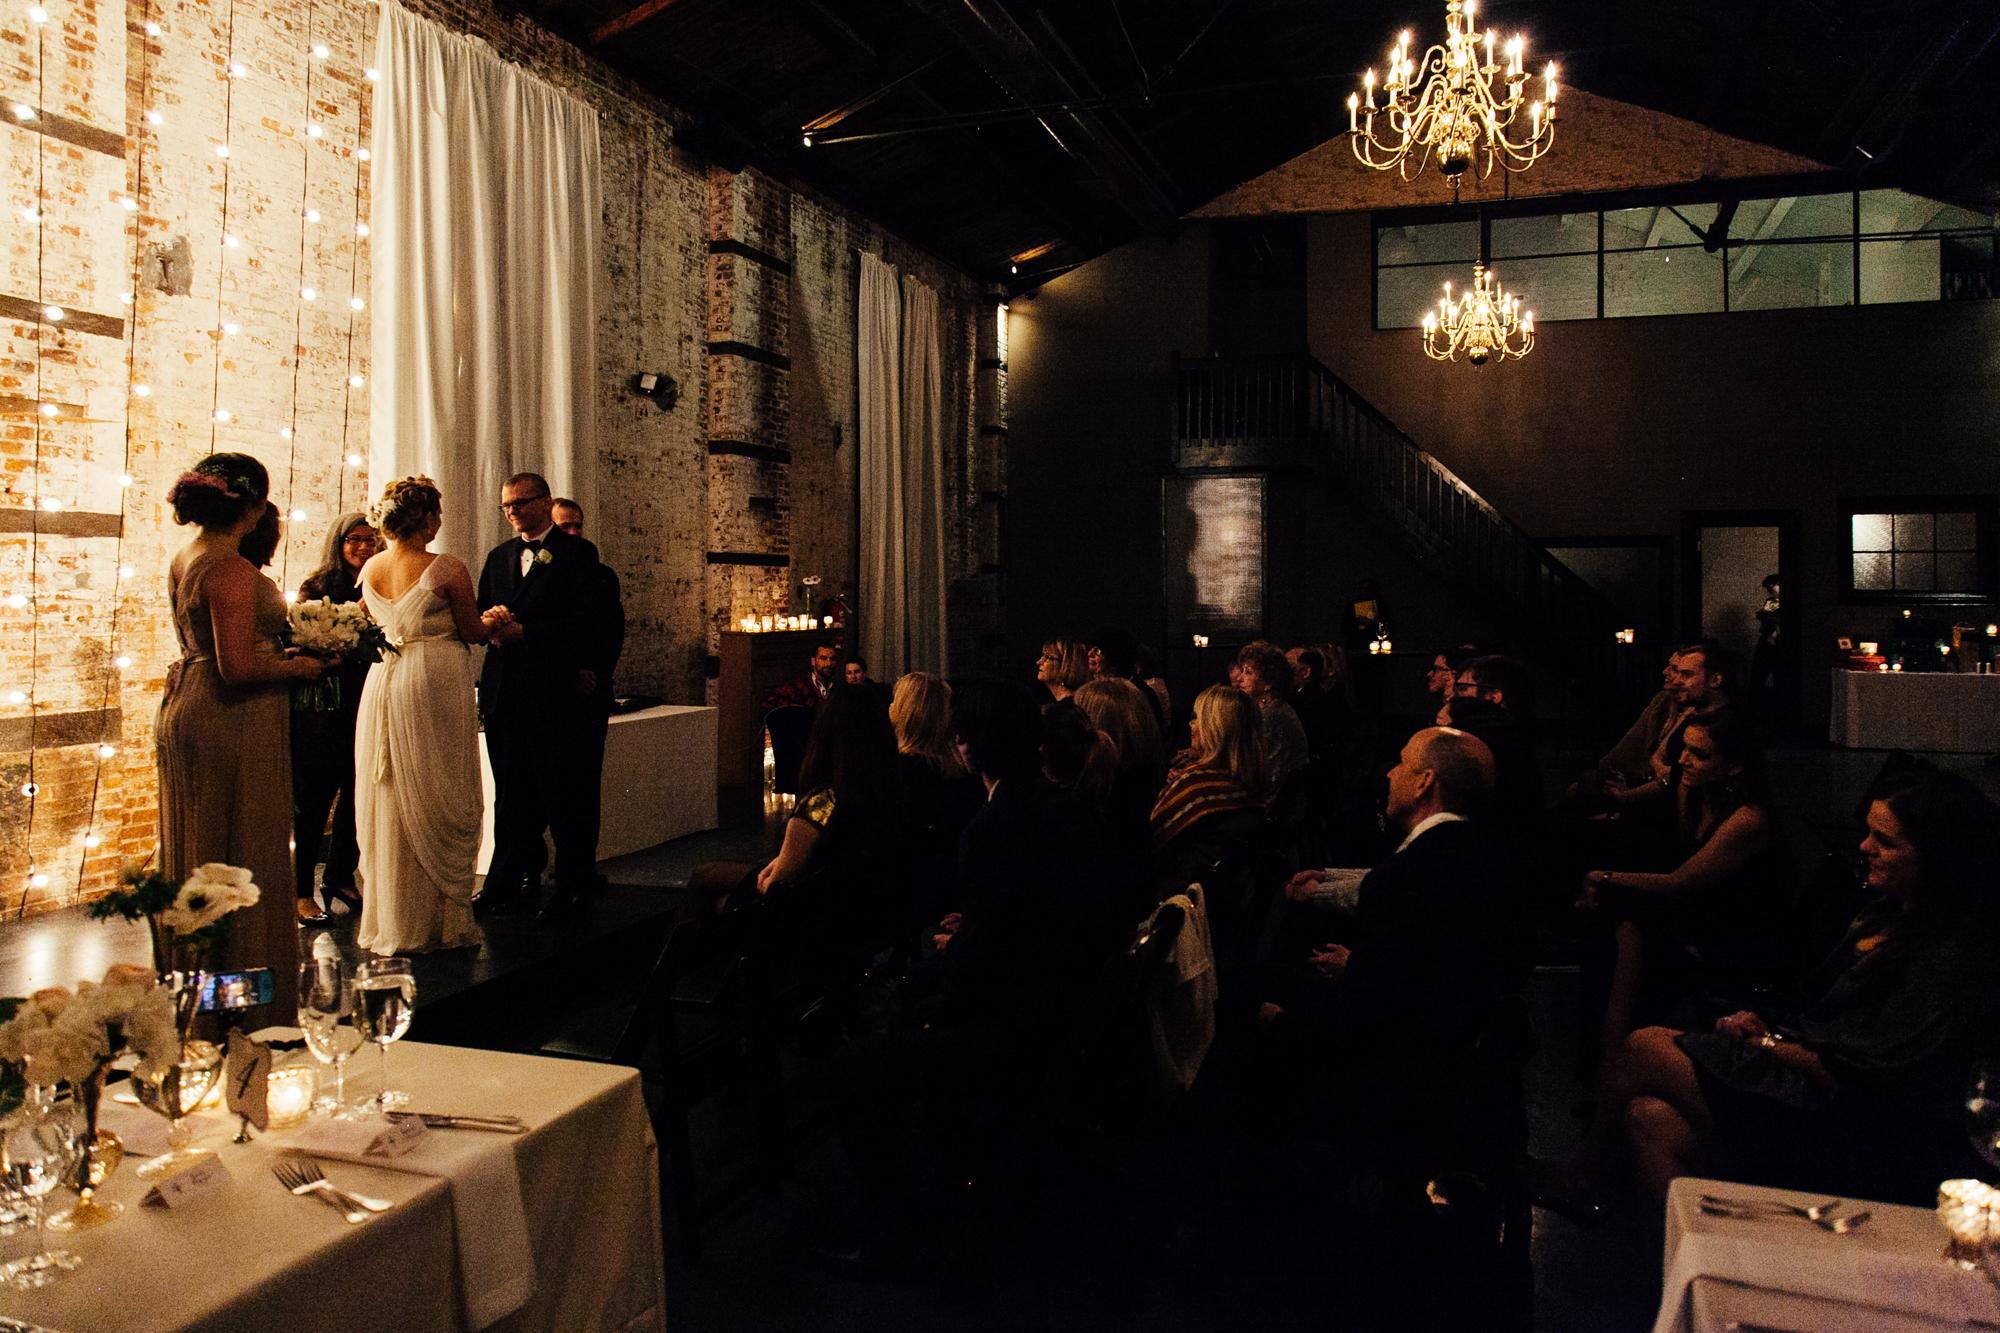 HeatherPhelpsLipton-Modern-WeddingPhotography-GreenBuilding-winter-prospectpark-25.jpg